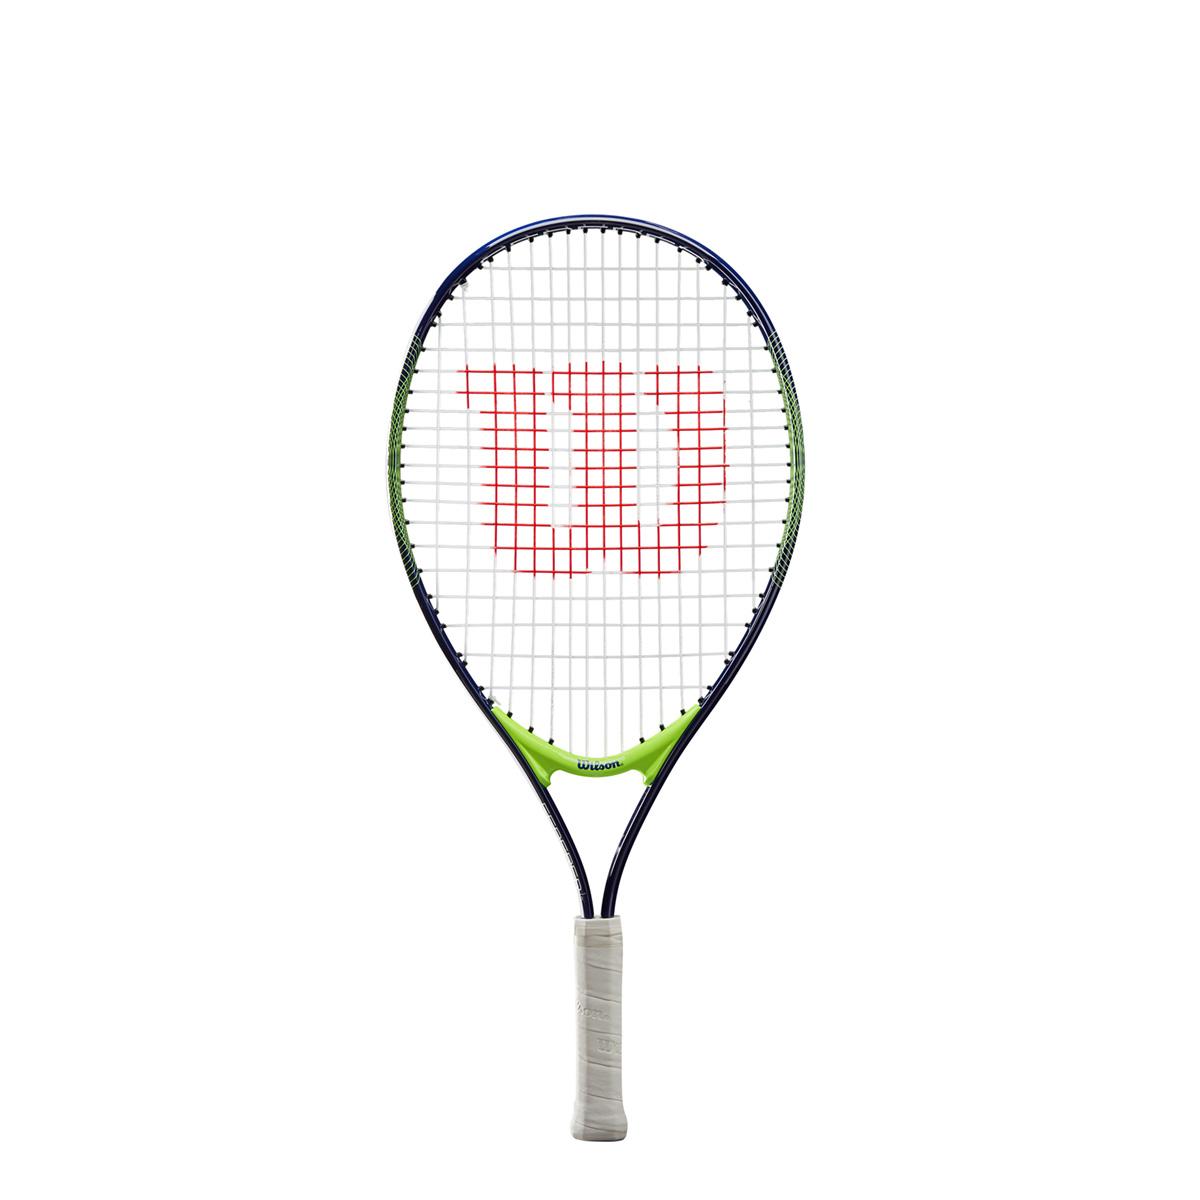 WR029310U_0_Federer_23_Navy_NeonGR